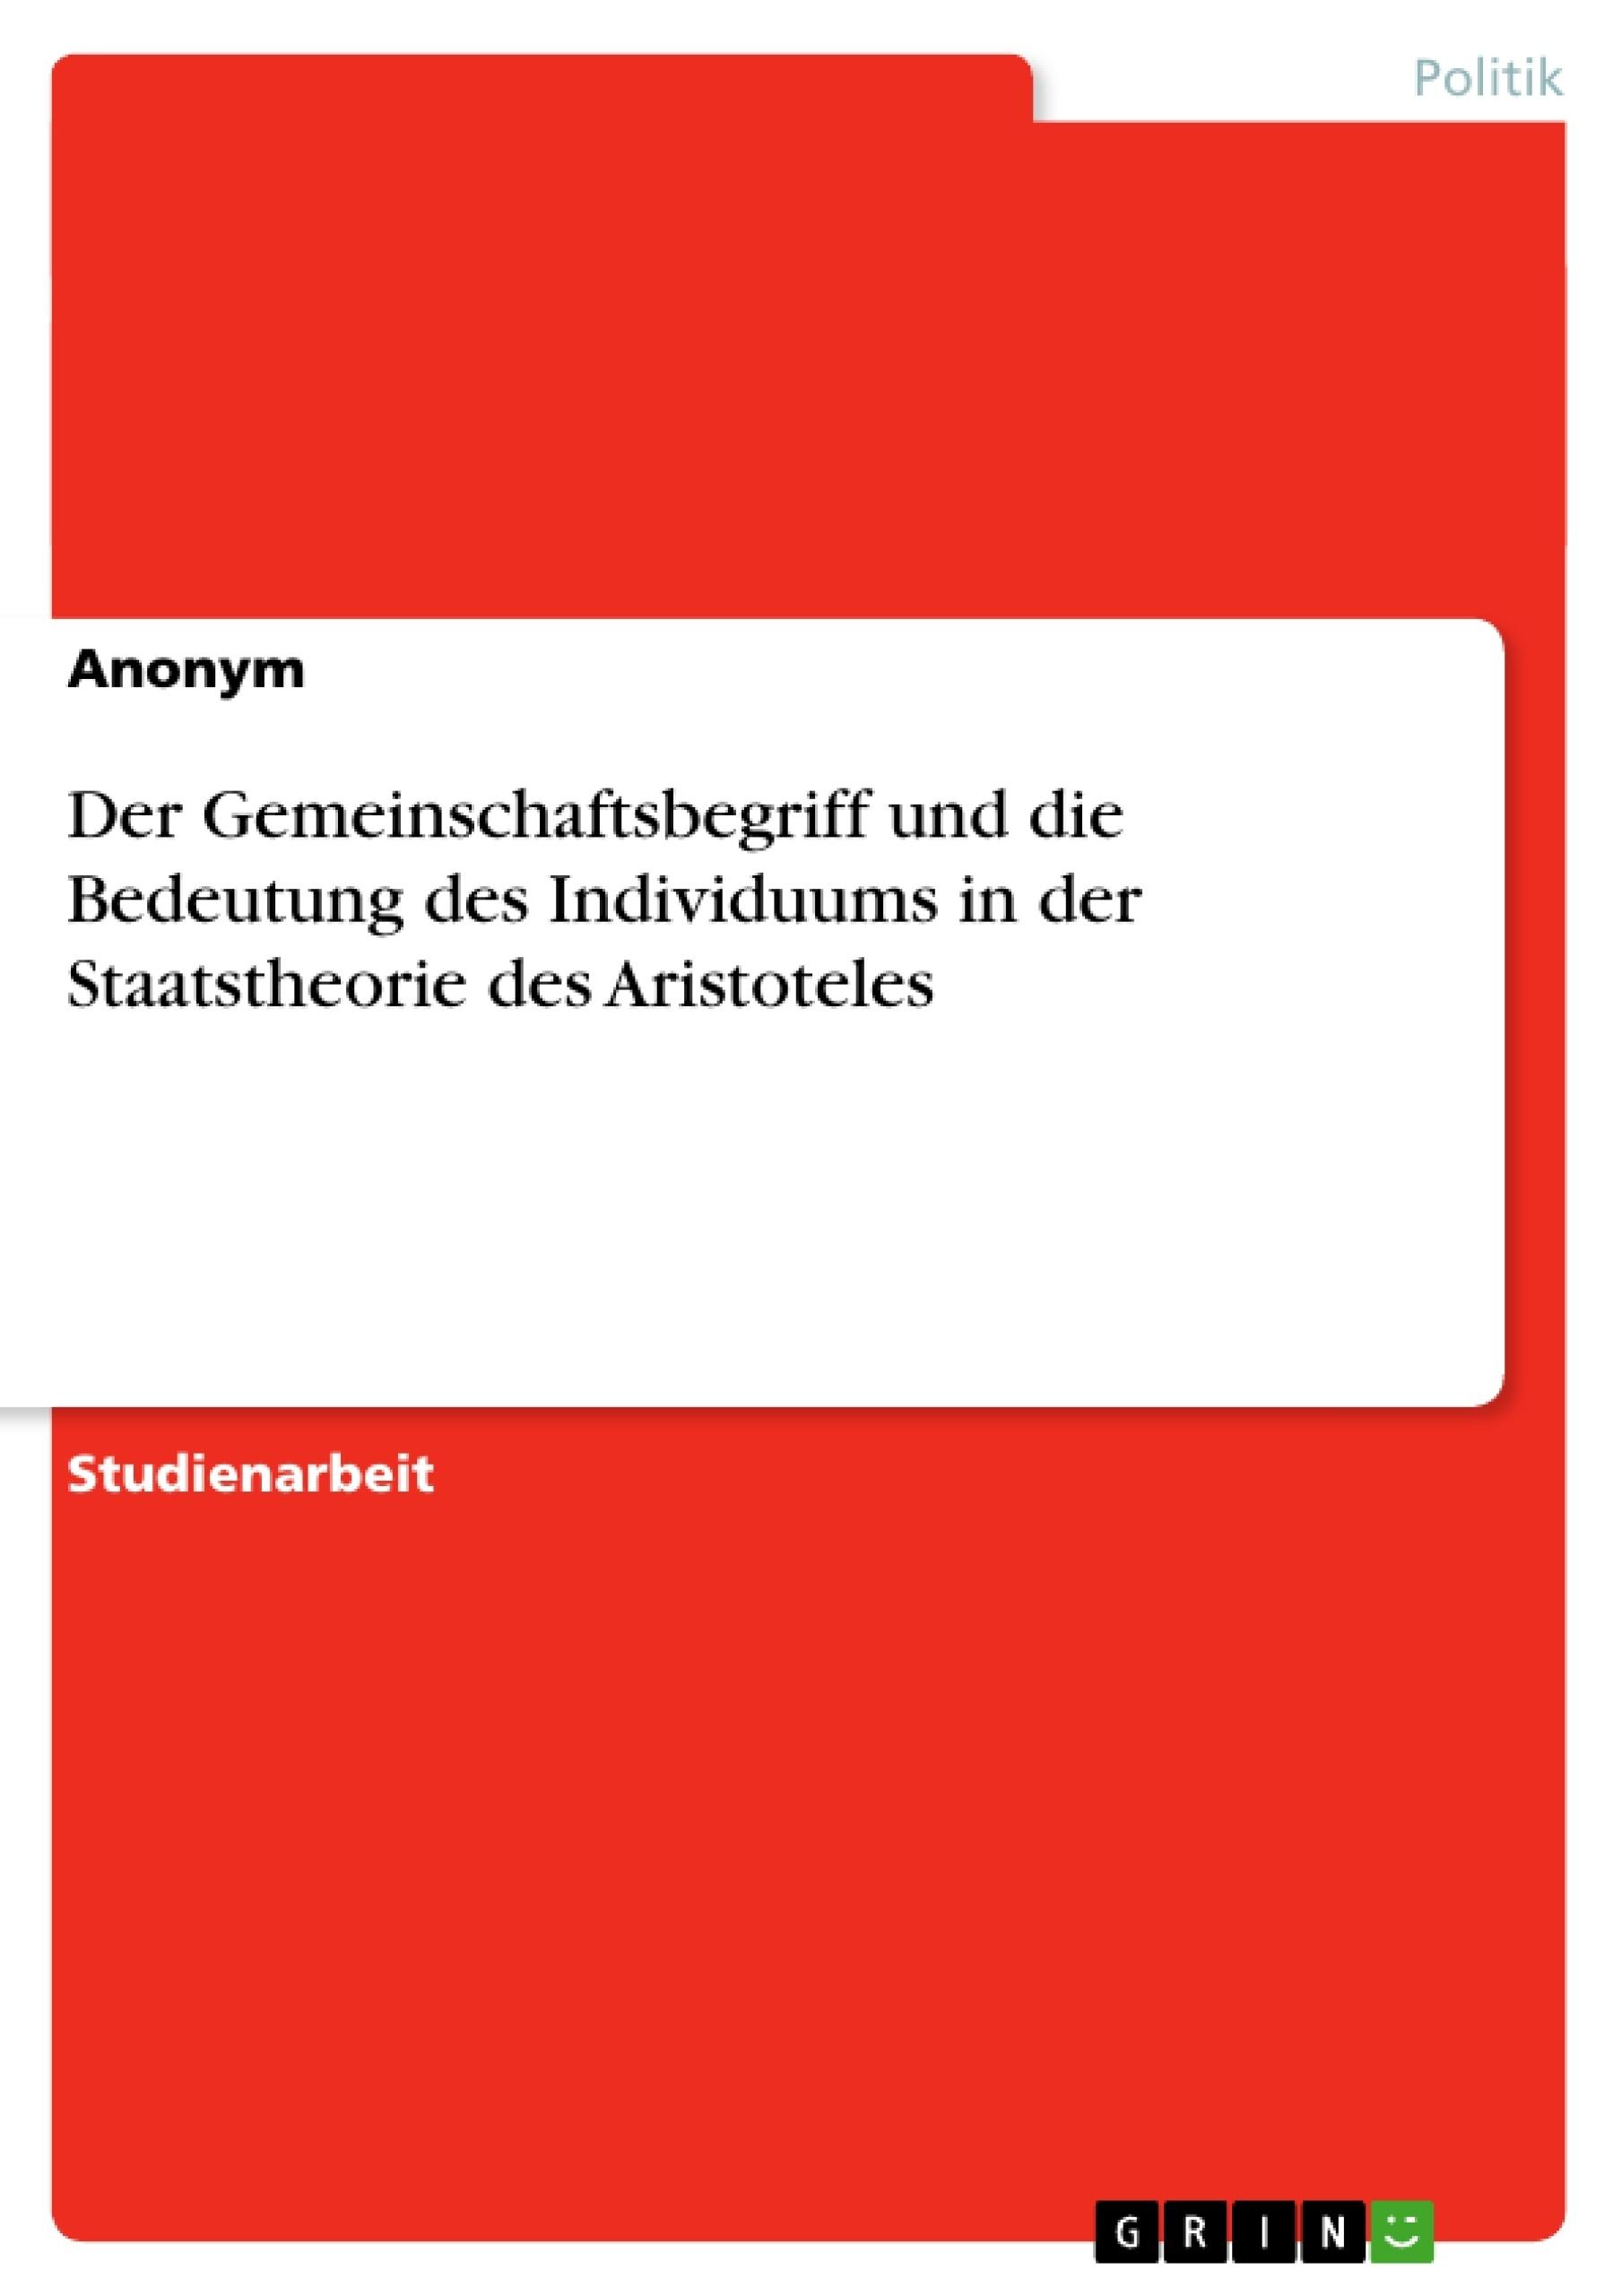 Titel: Der Gemeinschaftsbegriff und die Bedeutung des Individuums in der Staatstheorie des Aristoteles